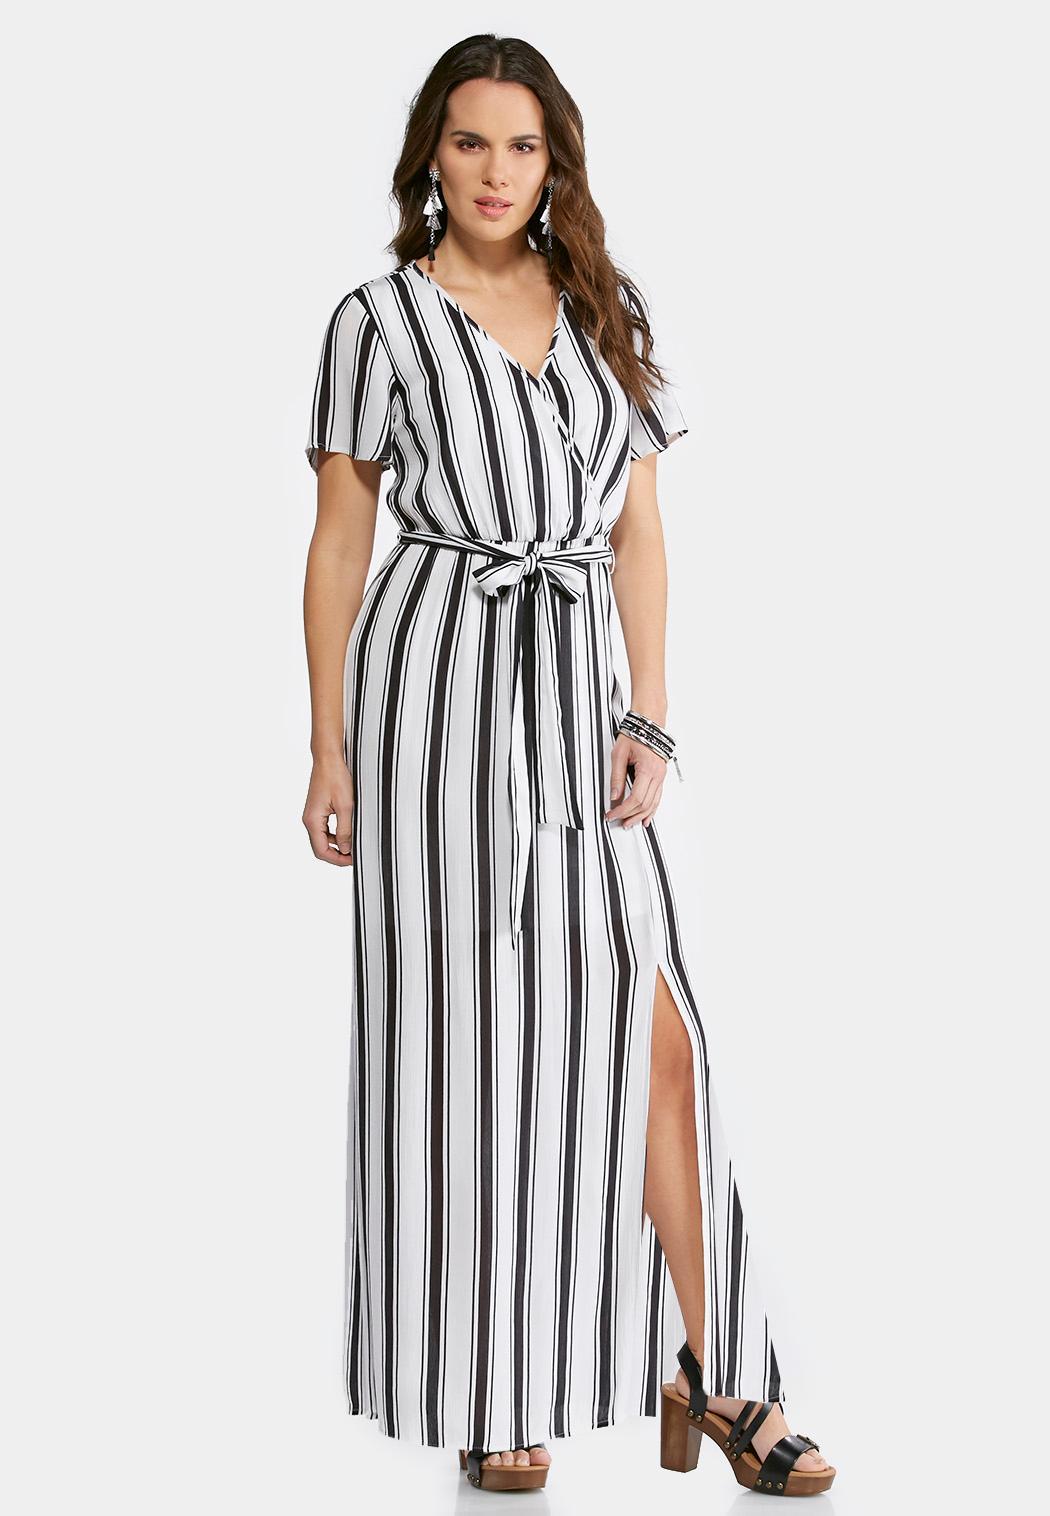 Wrap maxi plus size dresses